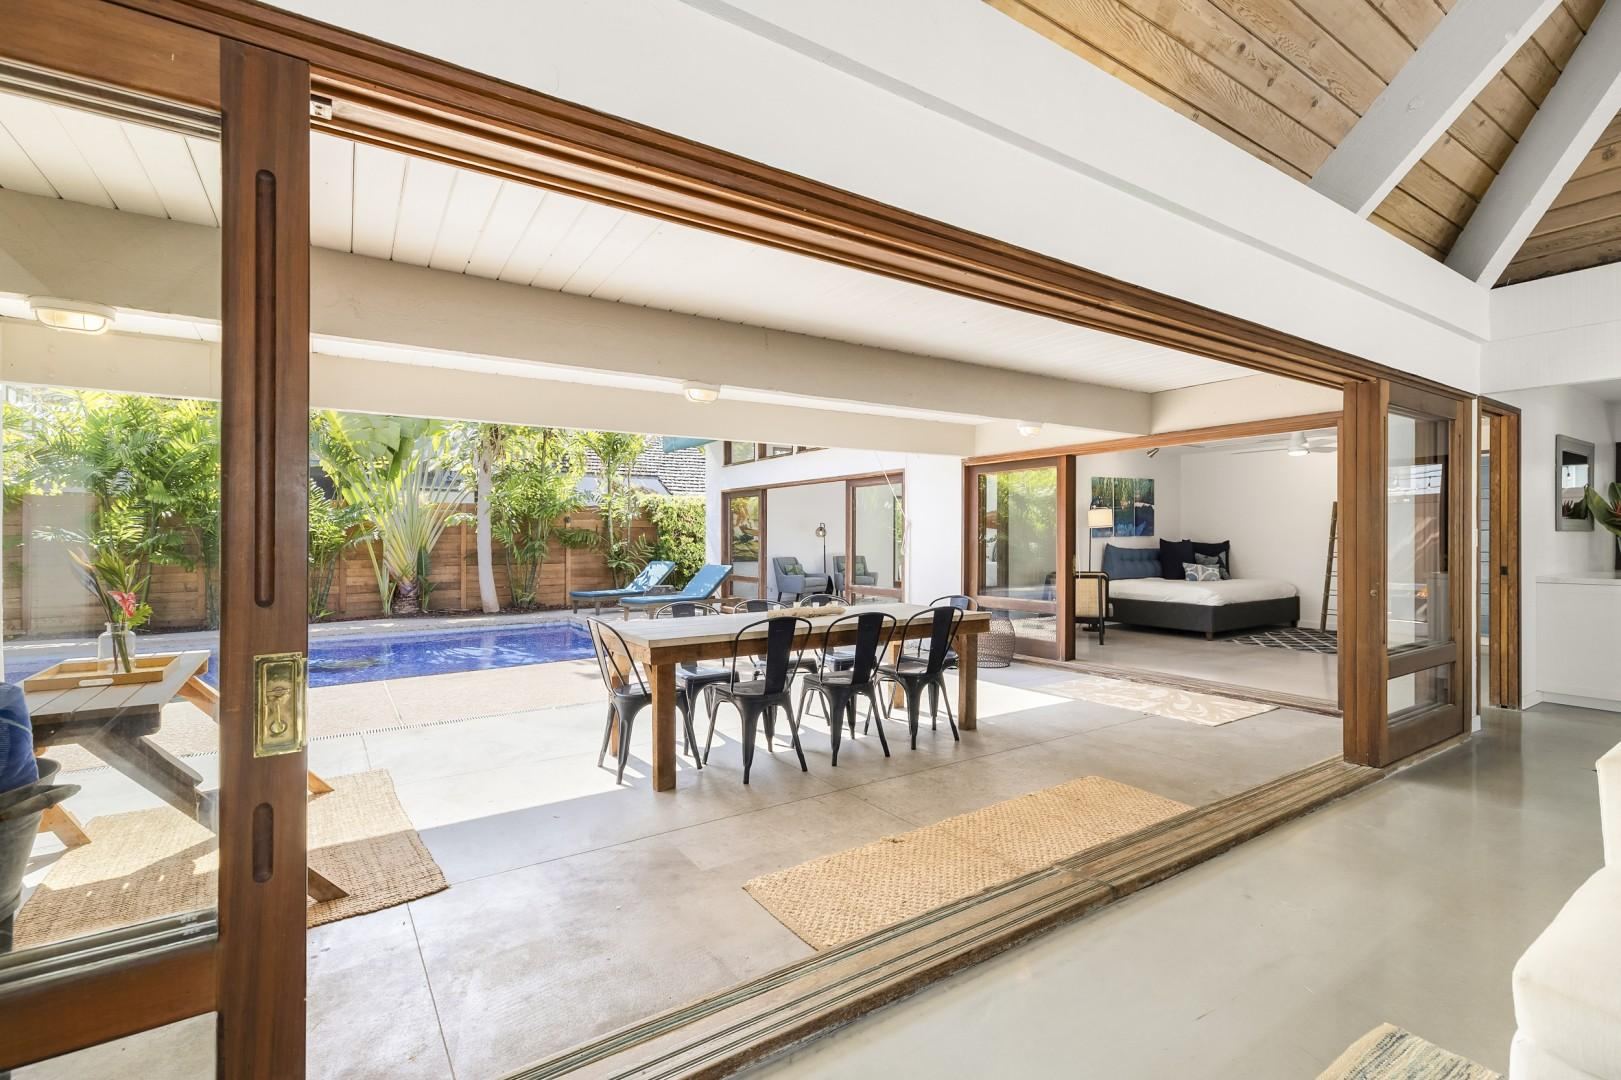 Indoor outdoor living!